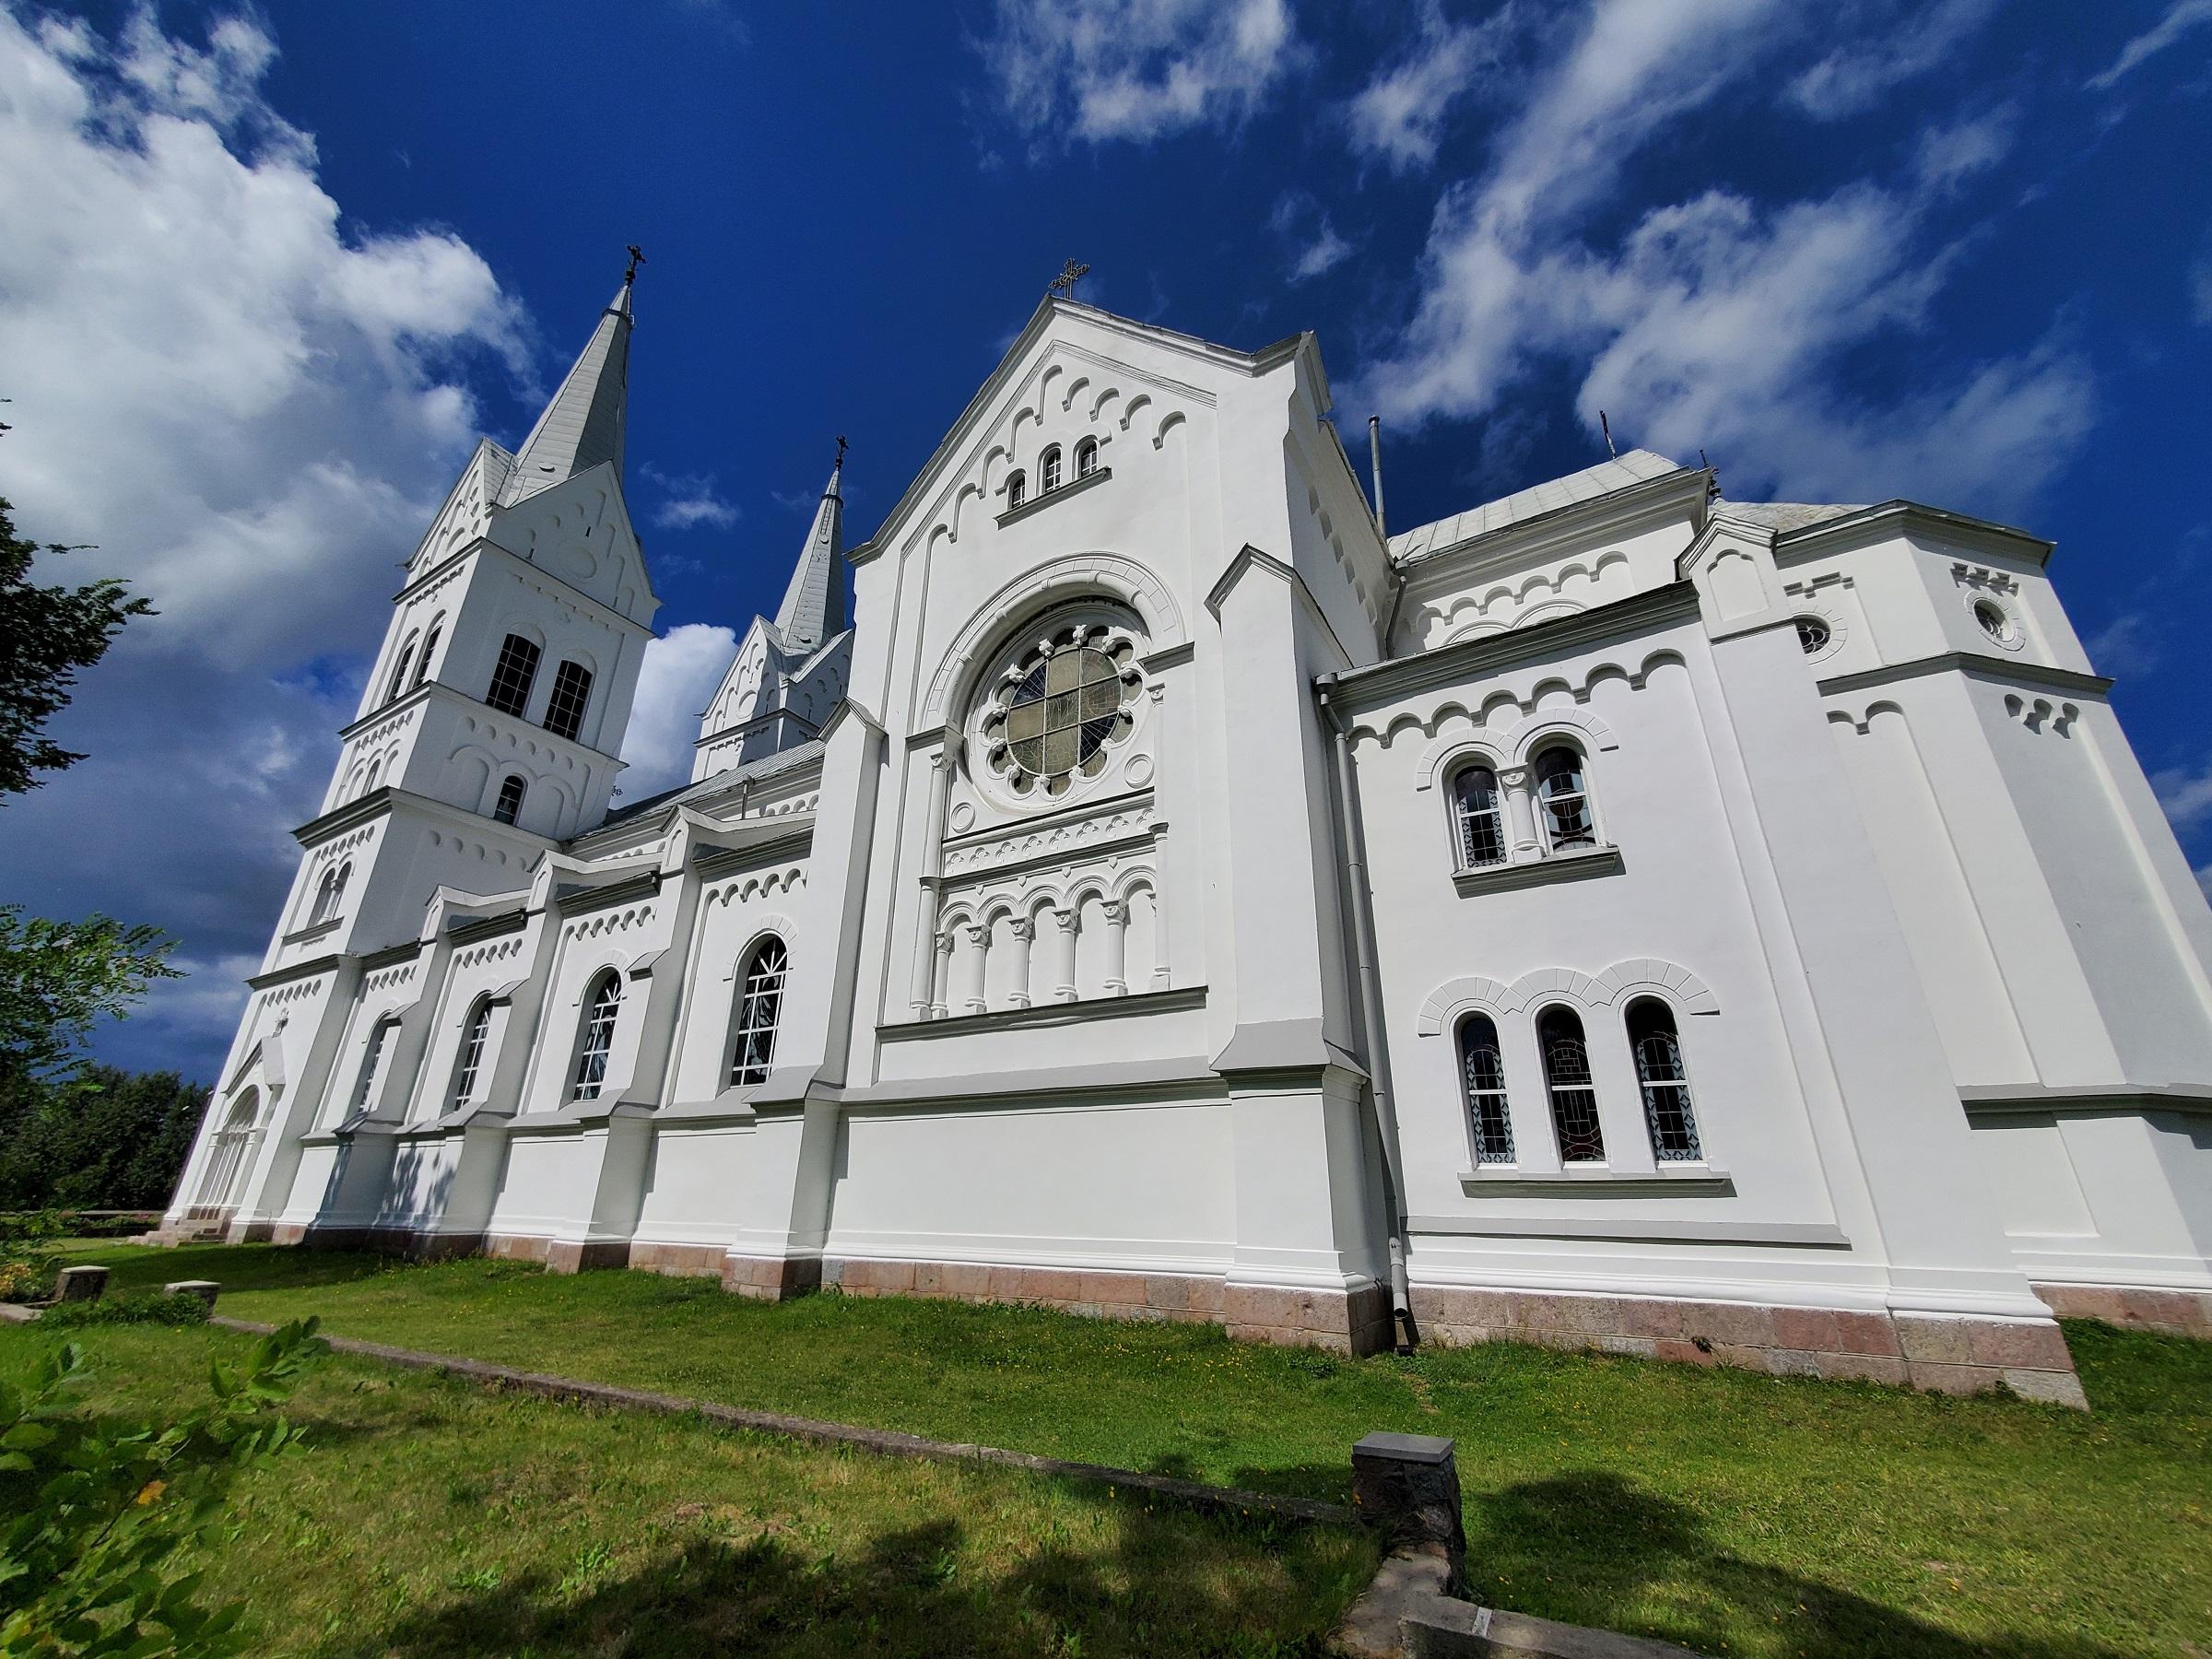 20200730 142243 - Костел Божьего Провидения в Слободке